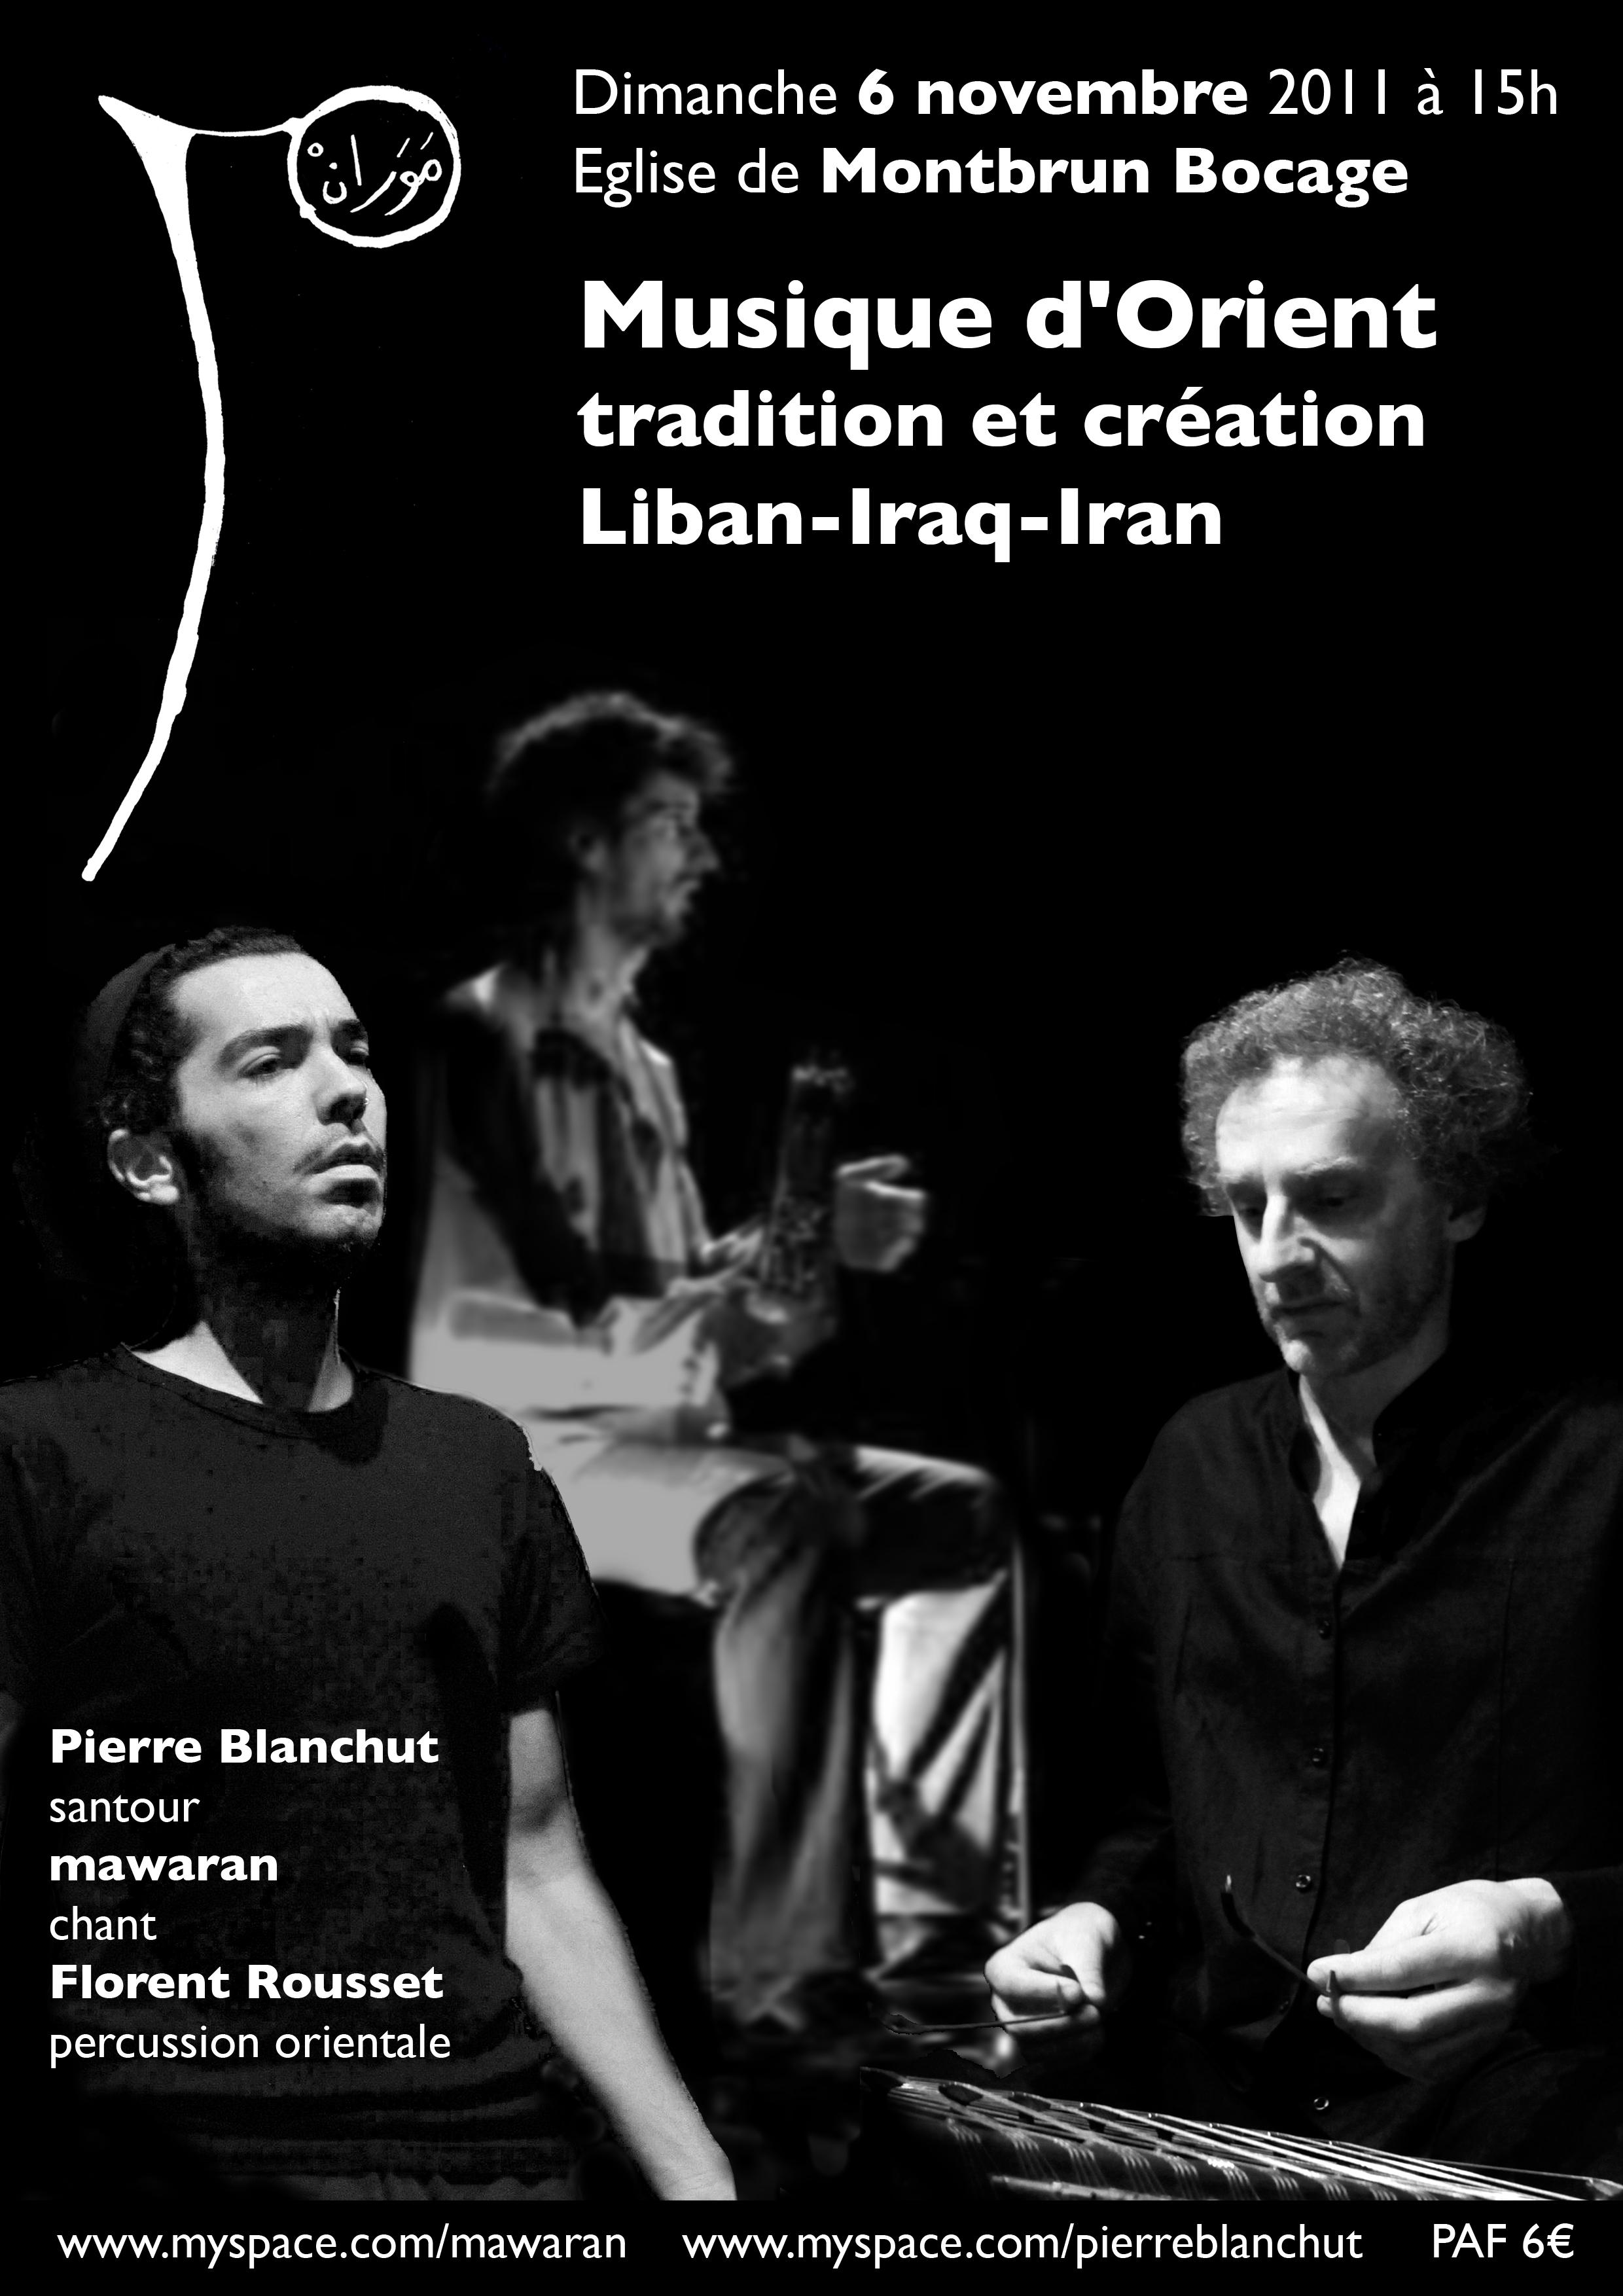 affiche concert montbrun 2011